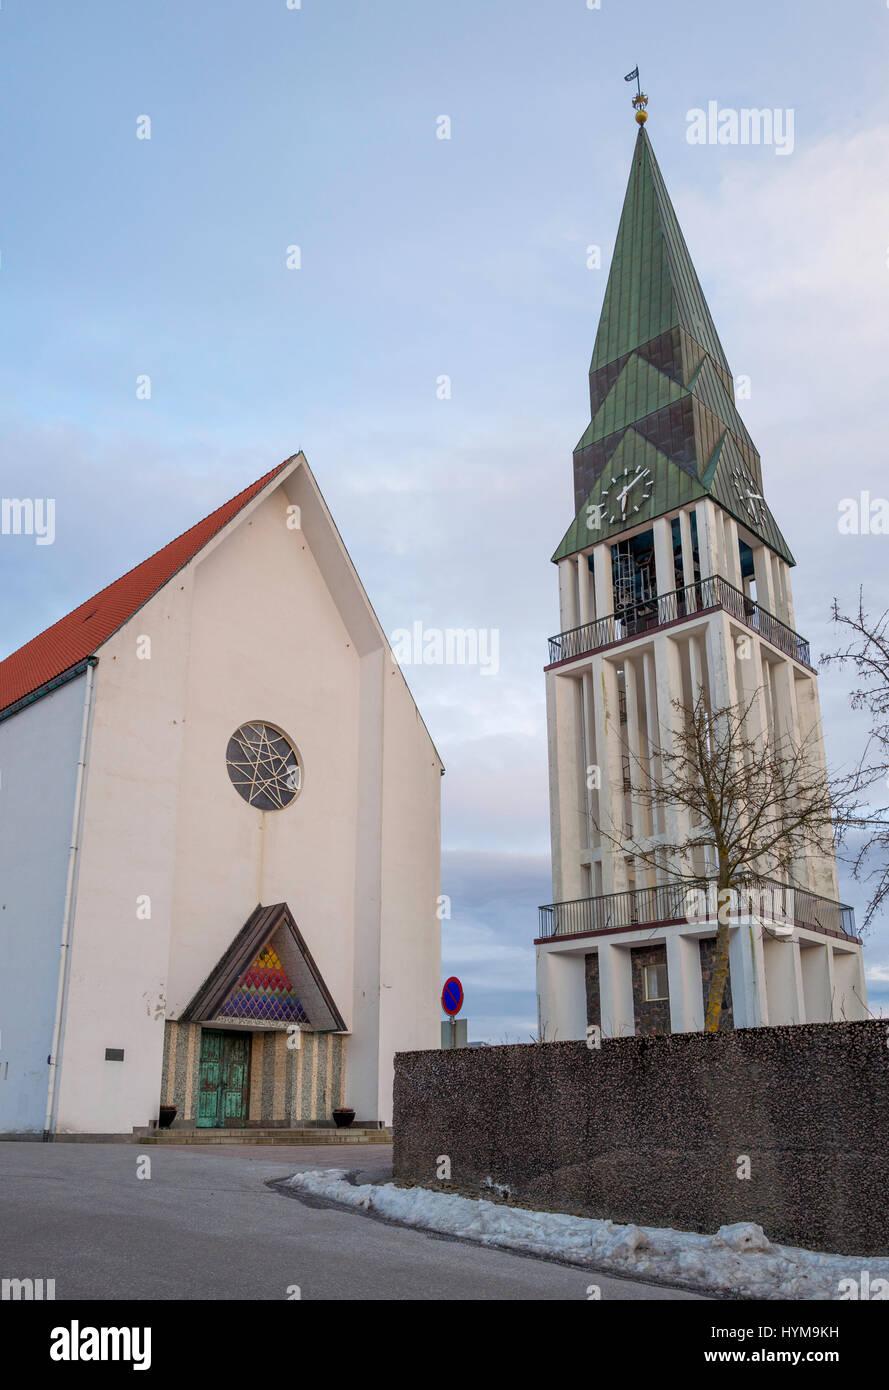 Molde Molde (cathédrale domkirke) est la cathédrale du diocèse de Møre de l'Eglise de Norvège. Photo Stock